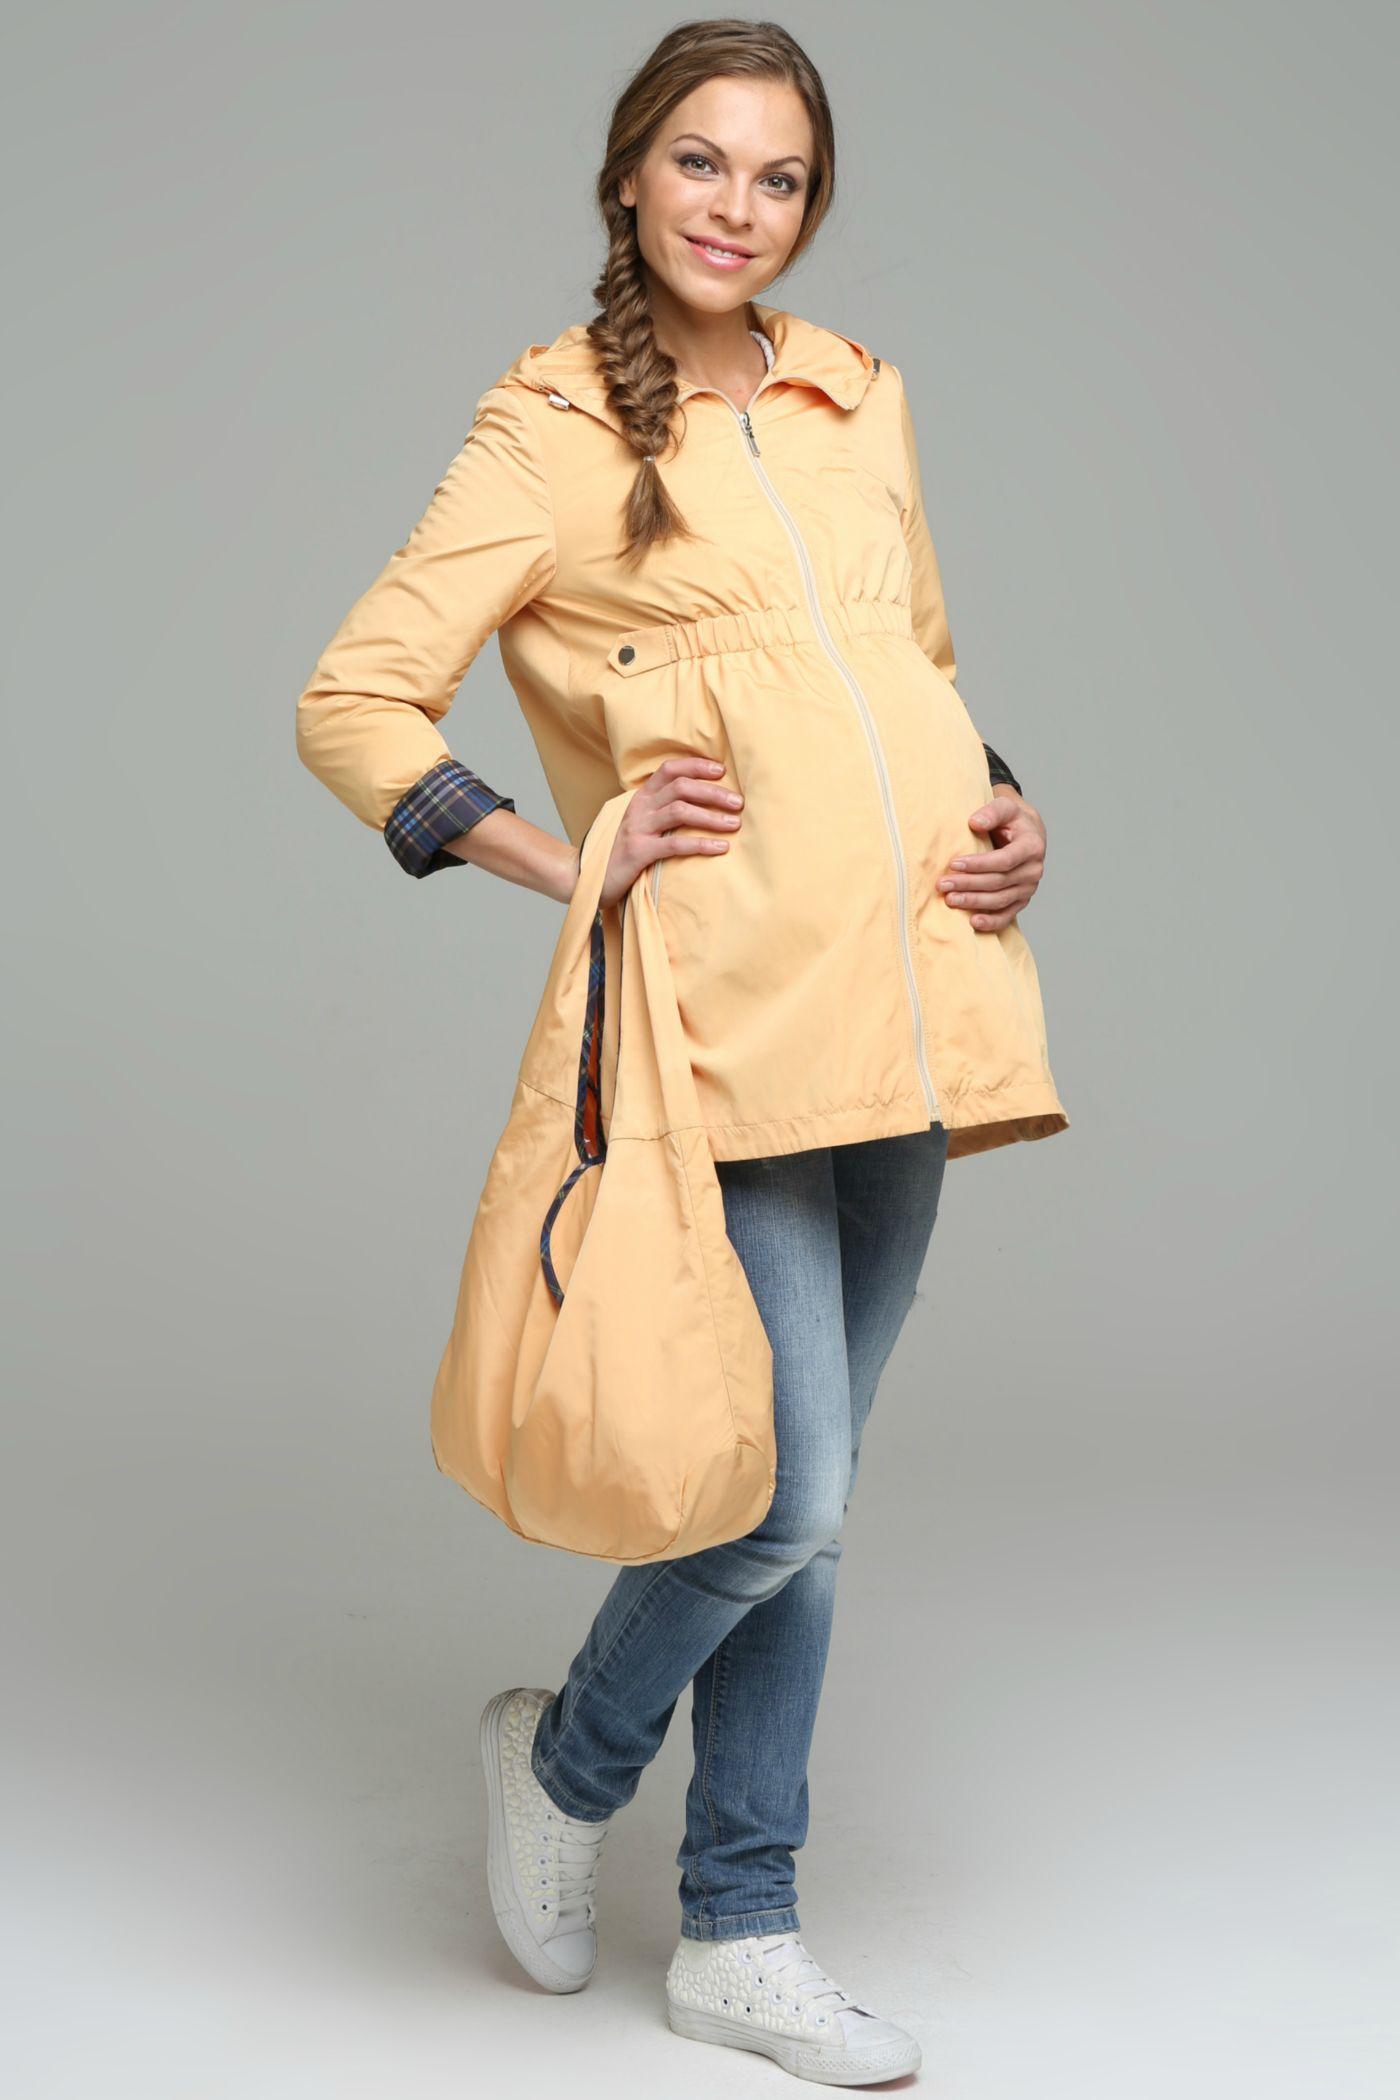 Расцветку стильного плаща для беременных следует выбирать с учетом  собственных предпочтений. Также важно, чтобы цвет одежды соответствовал  цветотипу ... b640df7e23a